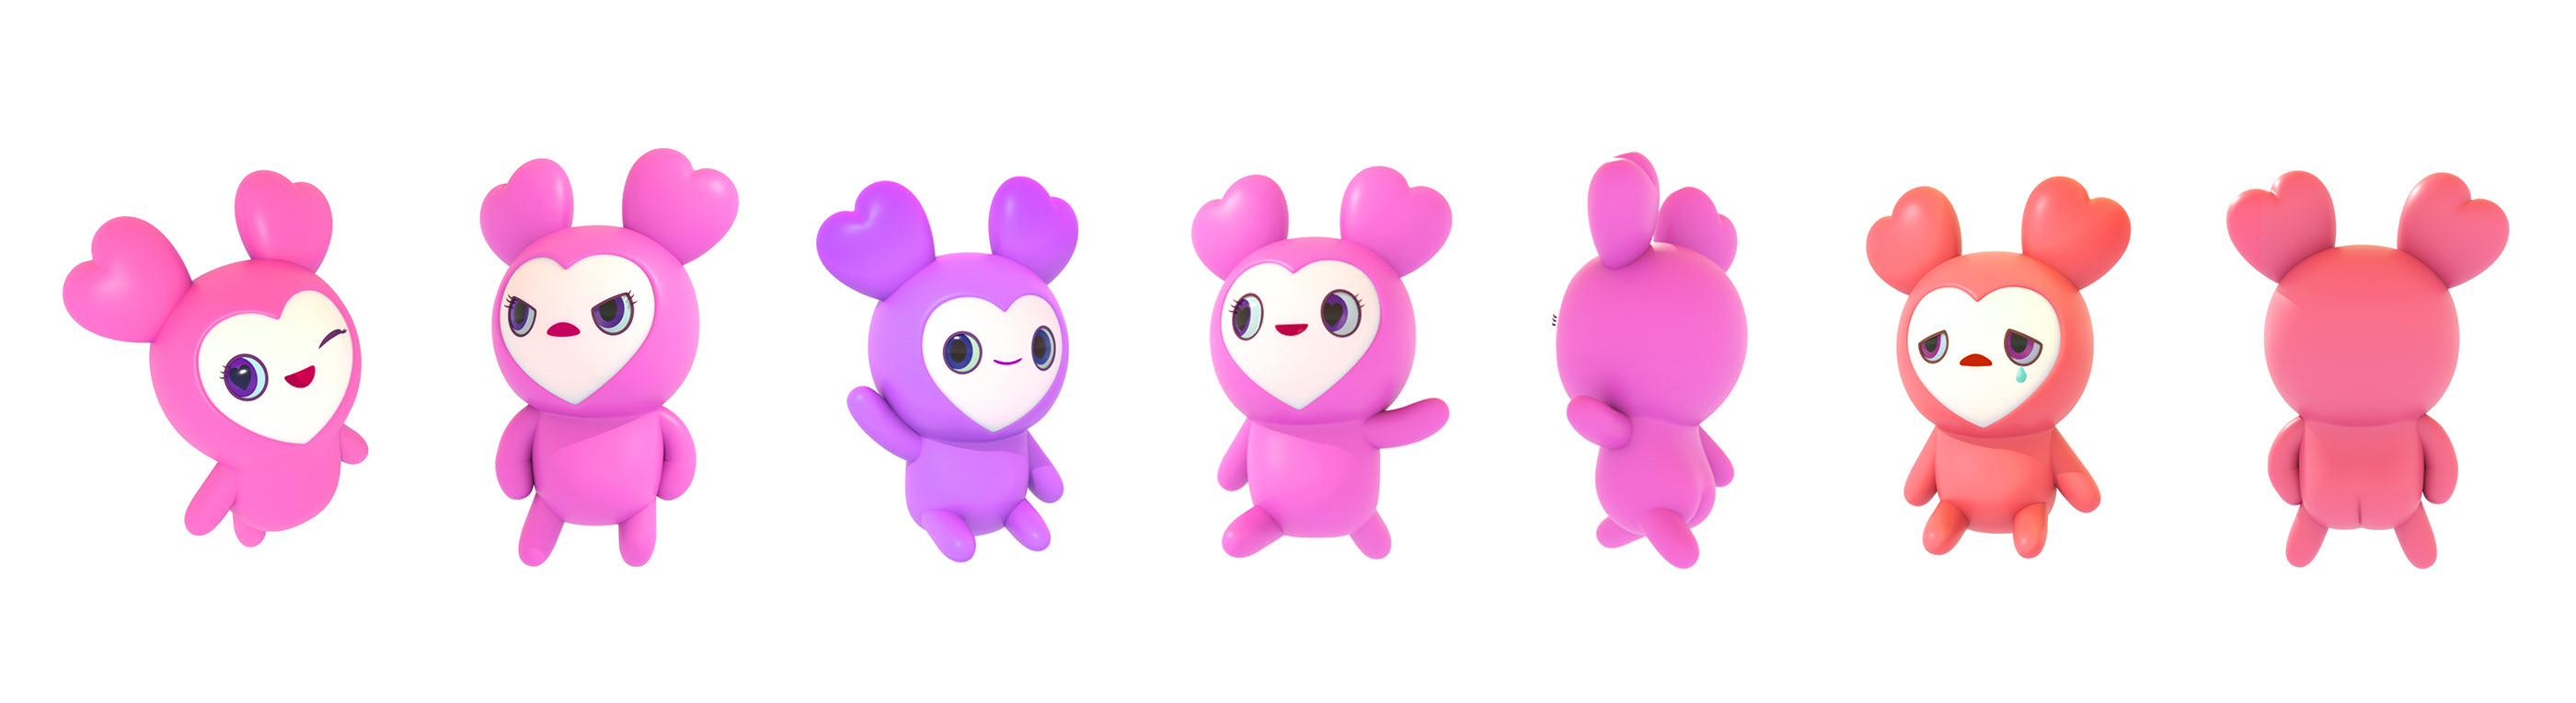 Twice's Lovely Character Branding on Behance